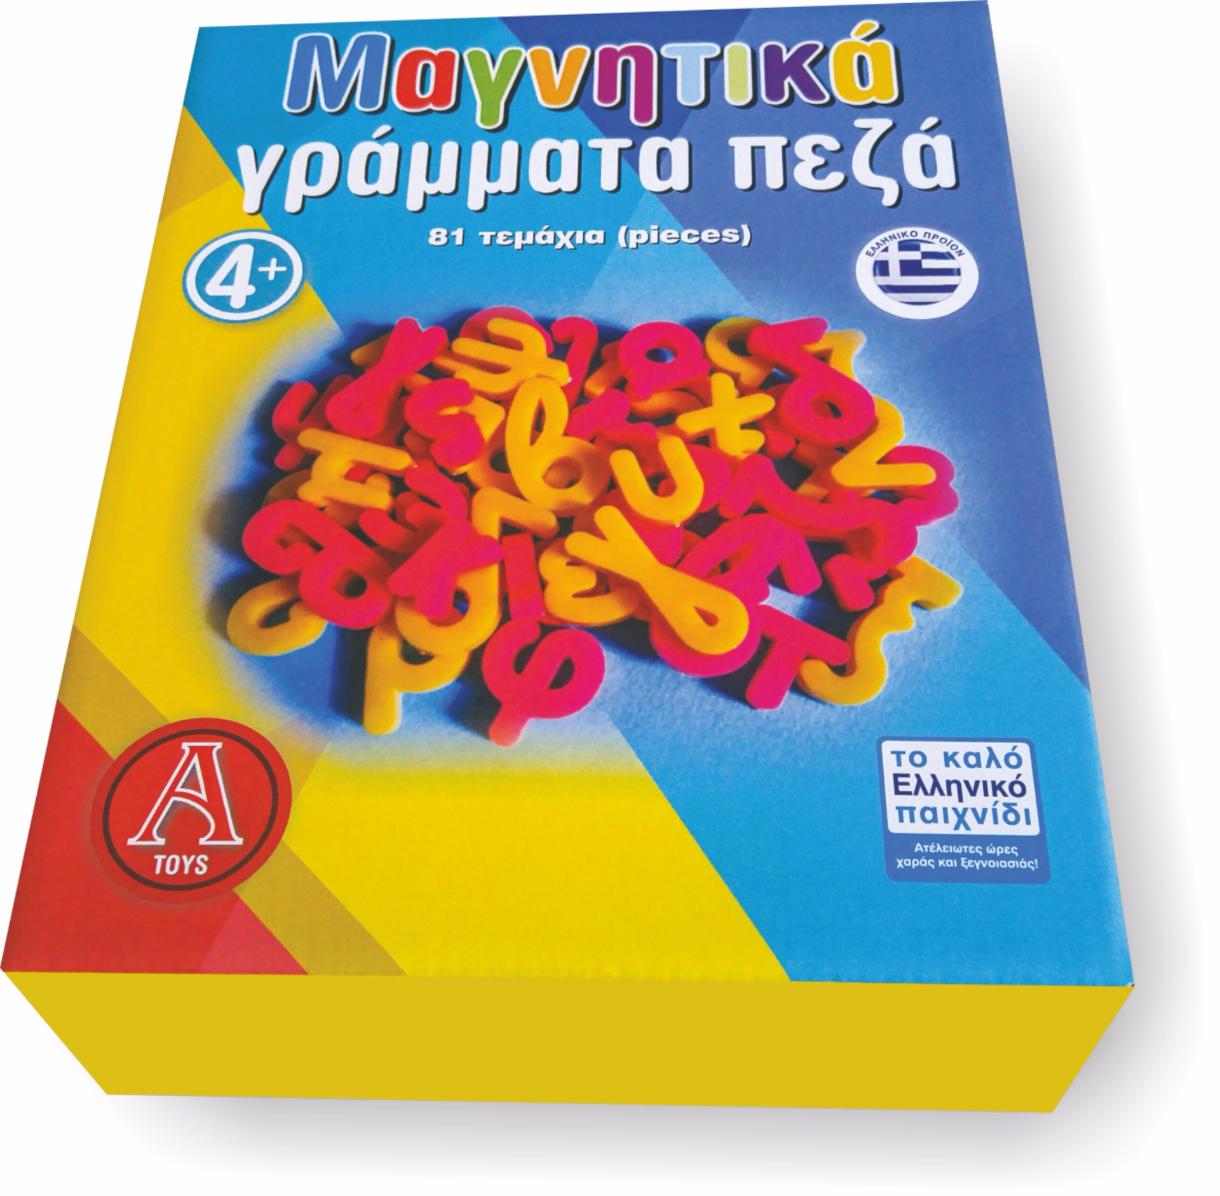 ΚΩΔ: 0402 Μαγνητικά γράμματα πεζά 81τεμ. Διαστάσεις : 21x16.5x6.5cm